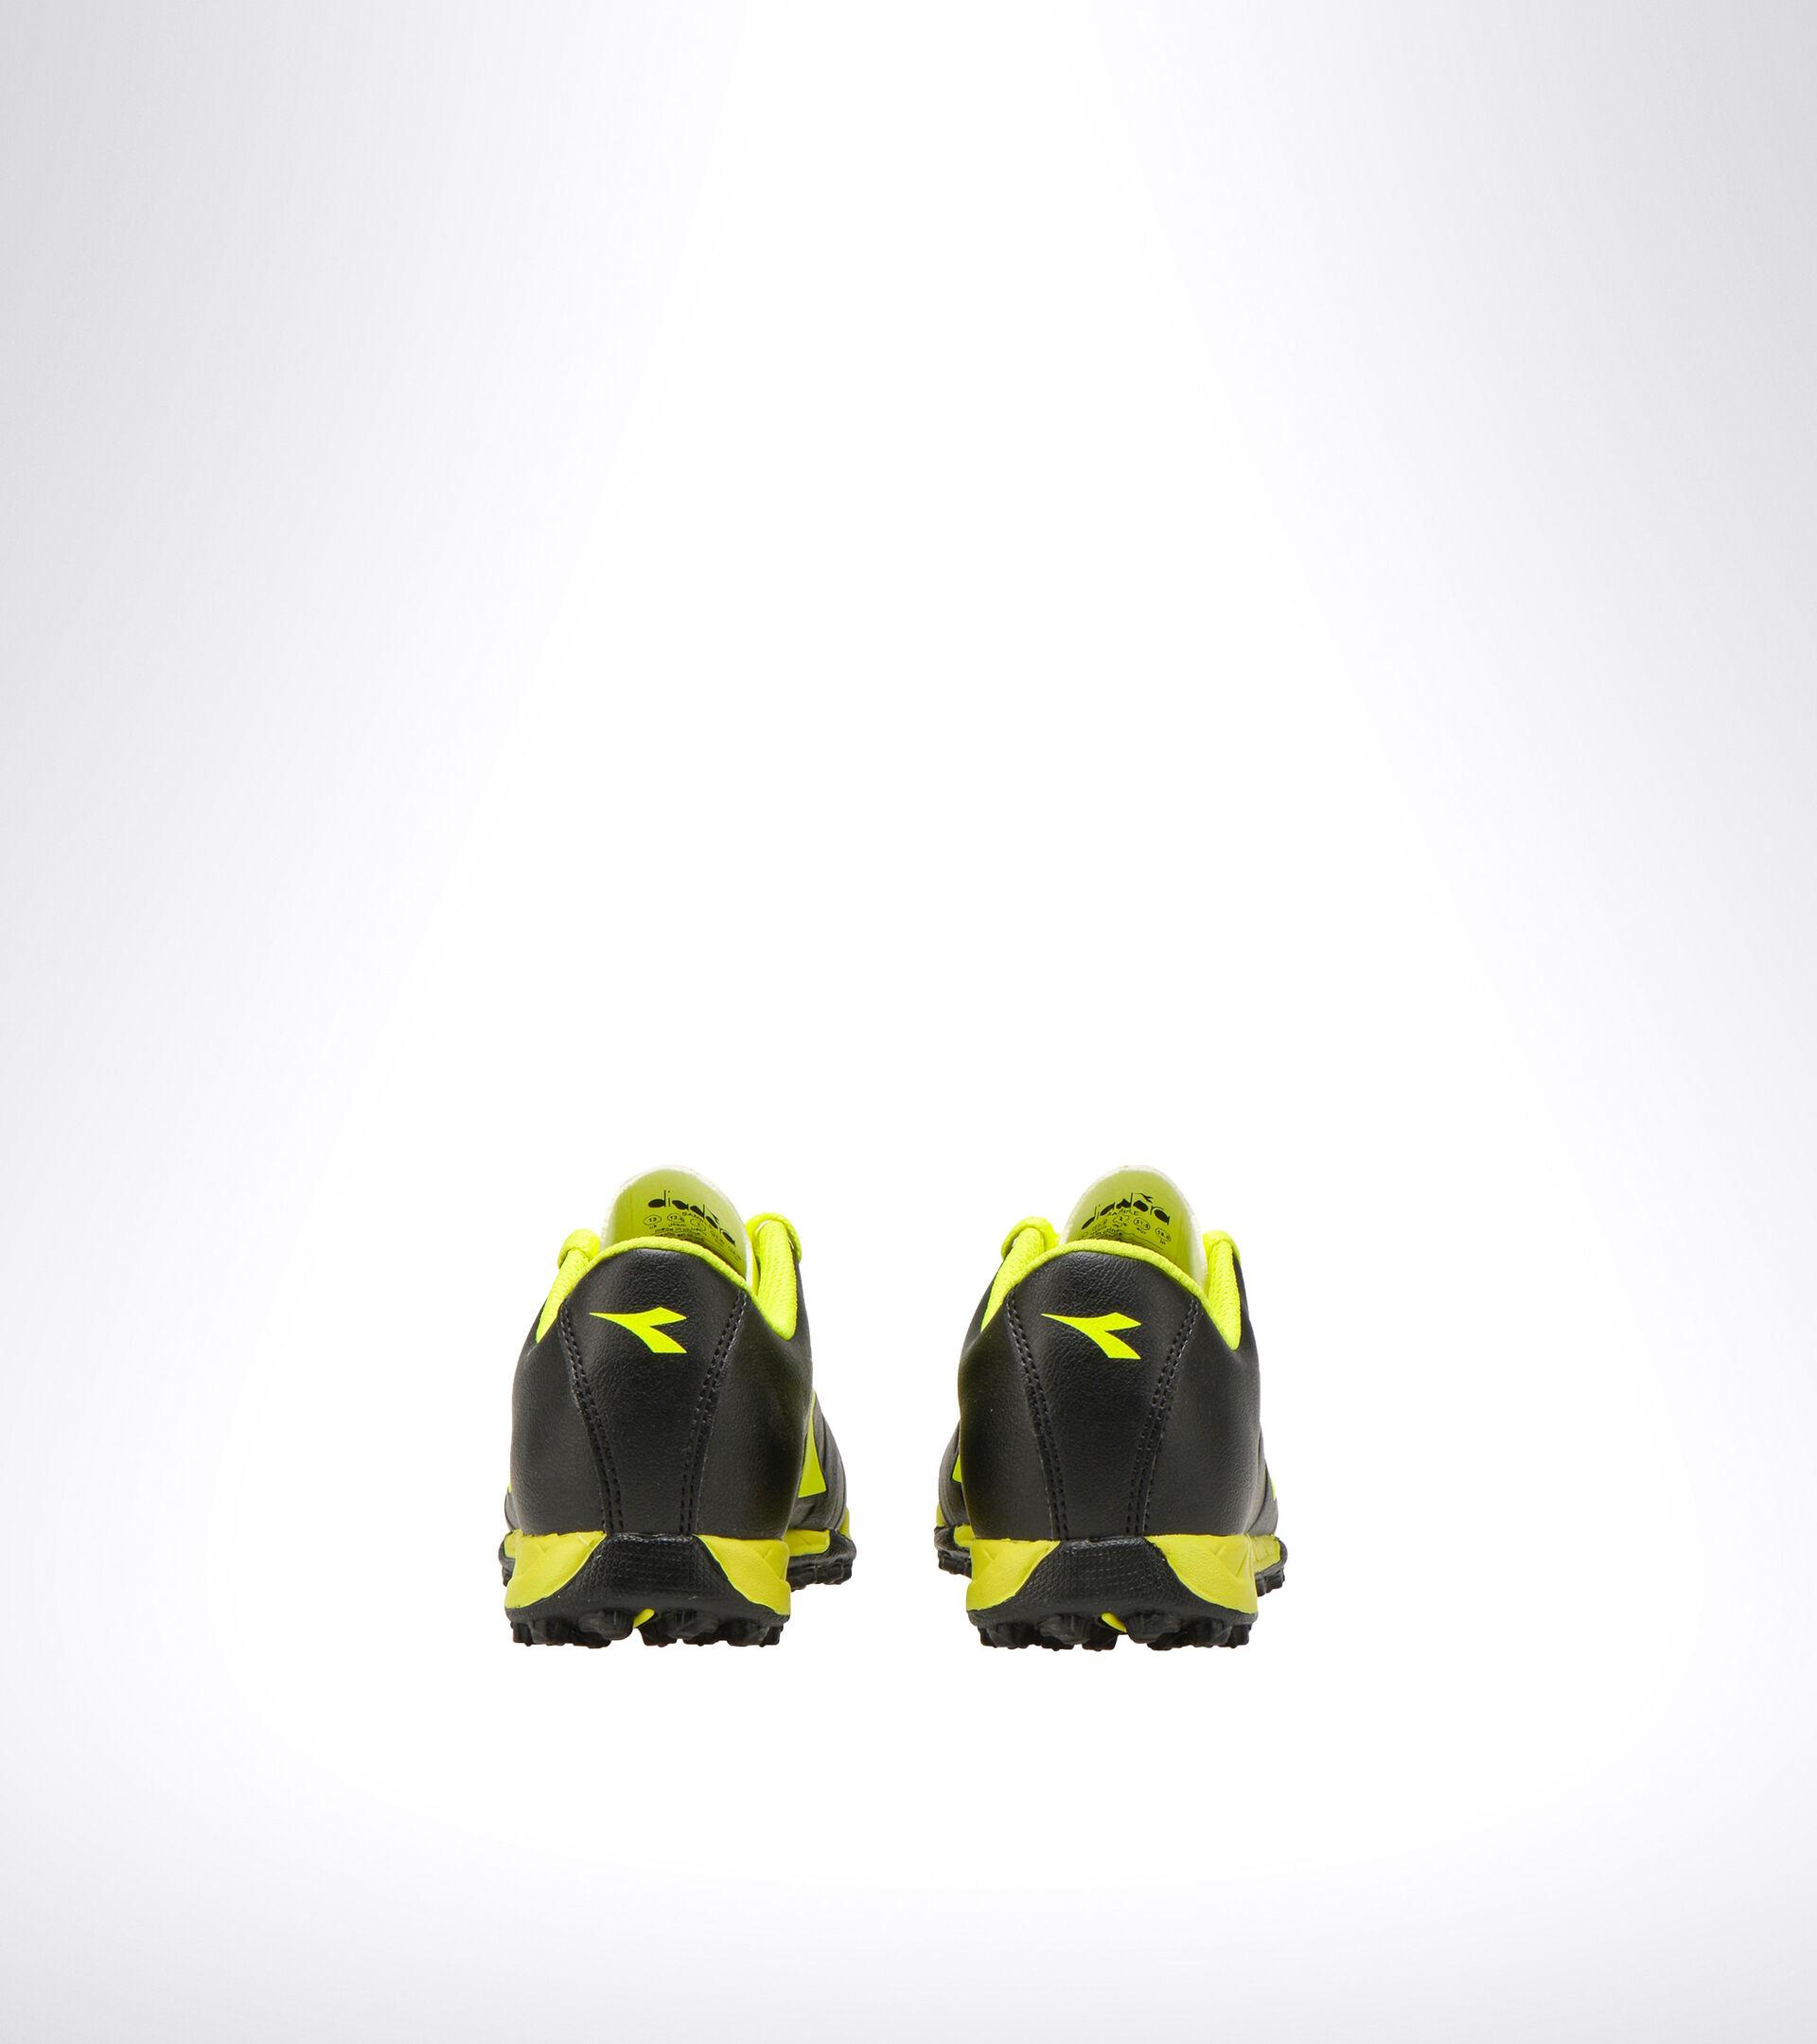 Footwear Sport BAMBINO PICHICHI 3 TF JR BLACK/FLUO YELLOW DIADORA Diadora